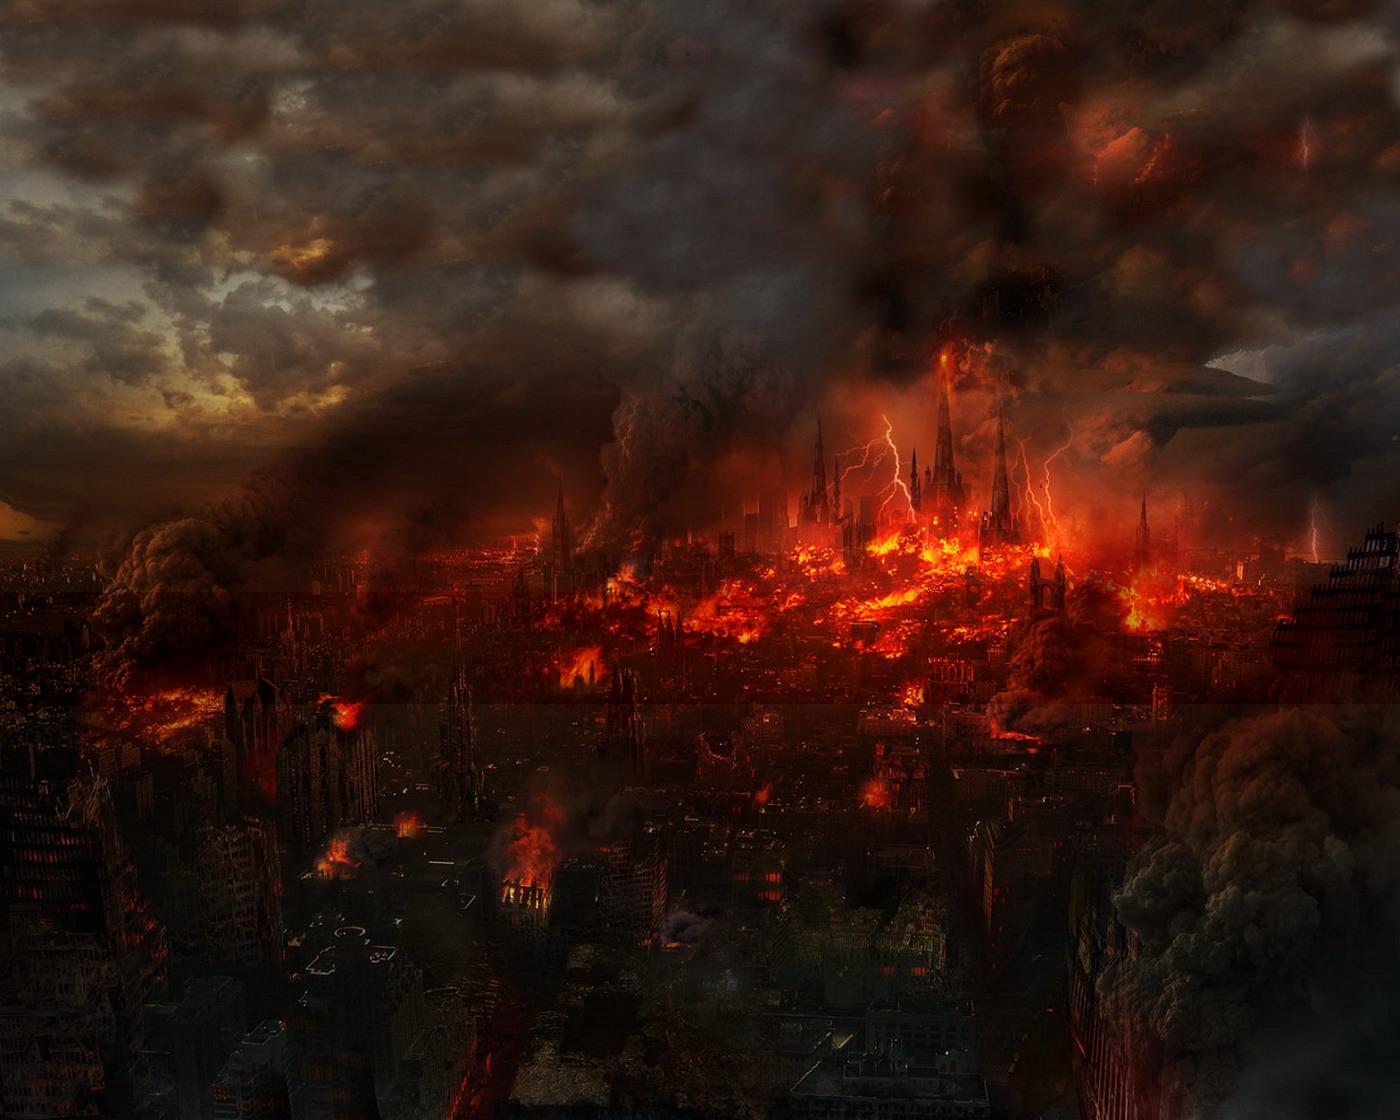 Как он произойдет - конец света?